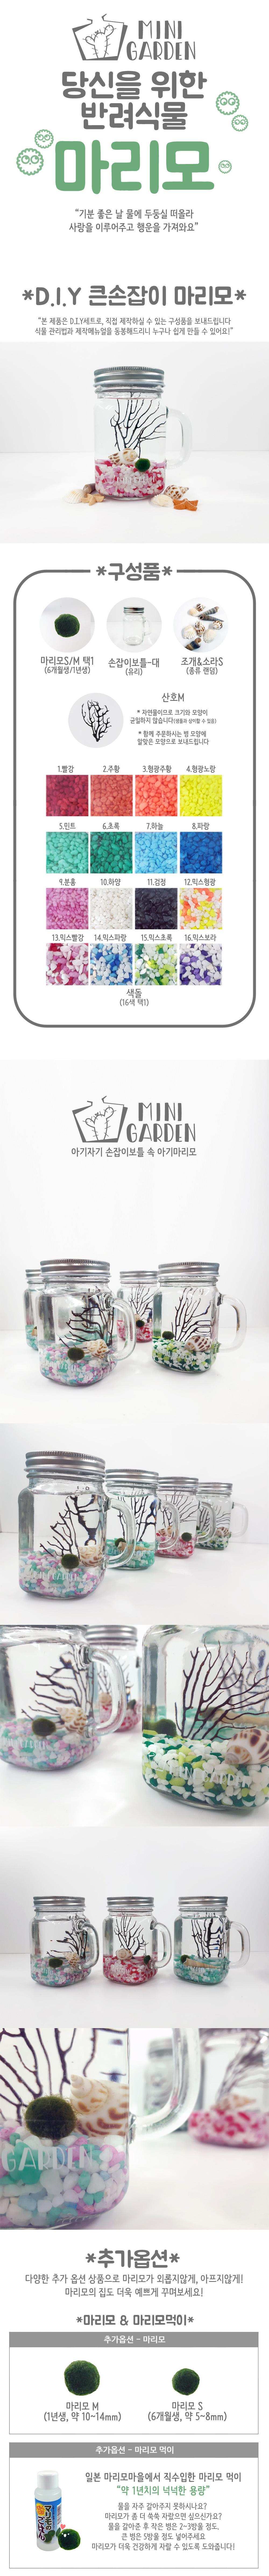 큰손잡이 마리모 DIY 세트 - 미니가든, 14,900원, 키우기, 식물